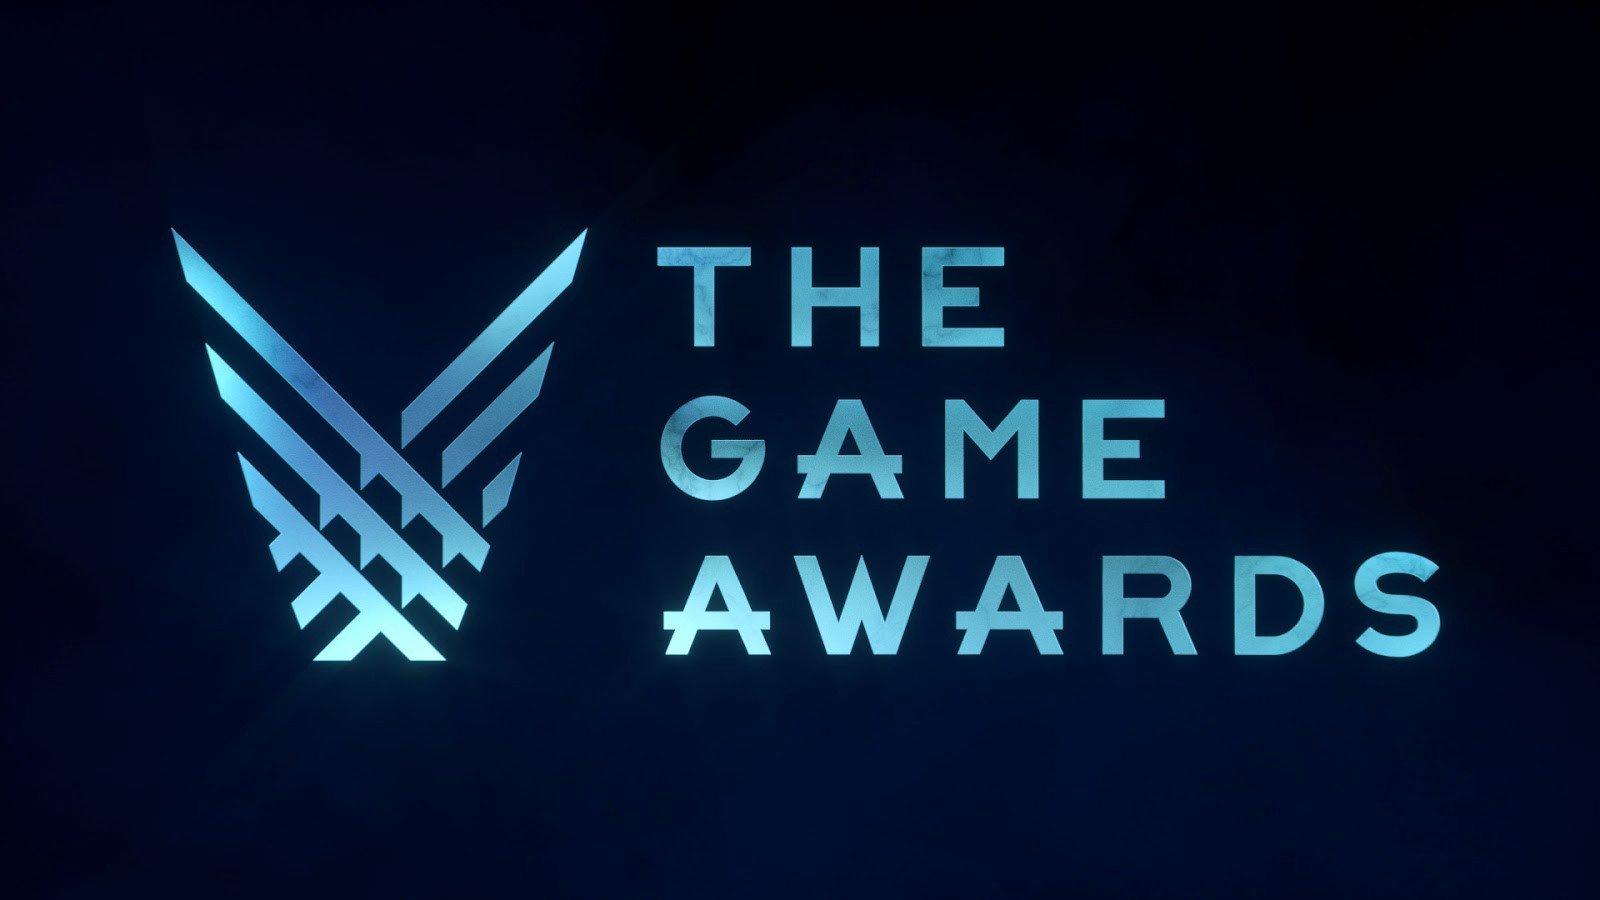 Geoff Keighley, dono do evento The Game Awards, confirmou que terá 10 anúncios totalmente novos e ainda novidades sobre jogos já anunciados.